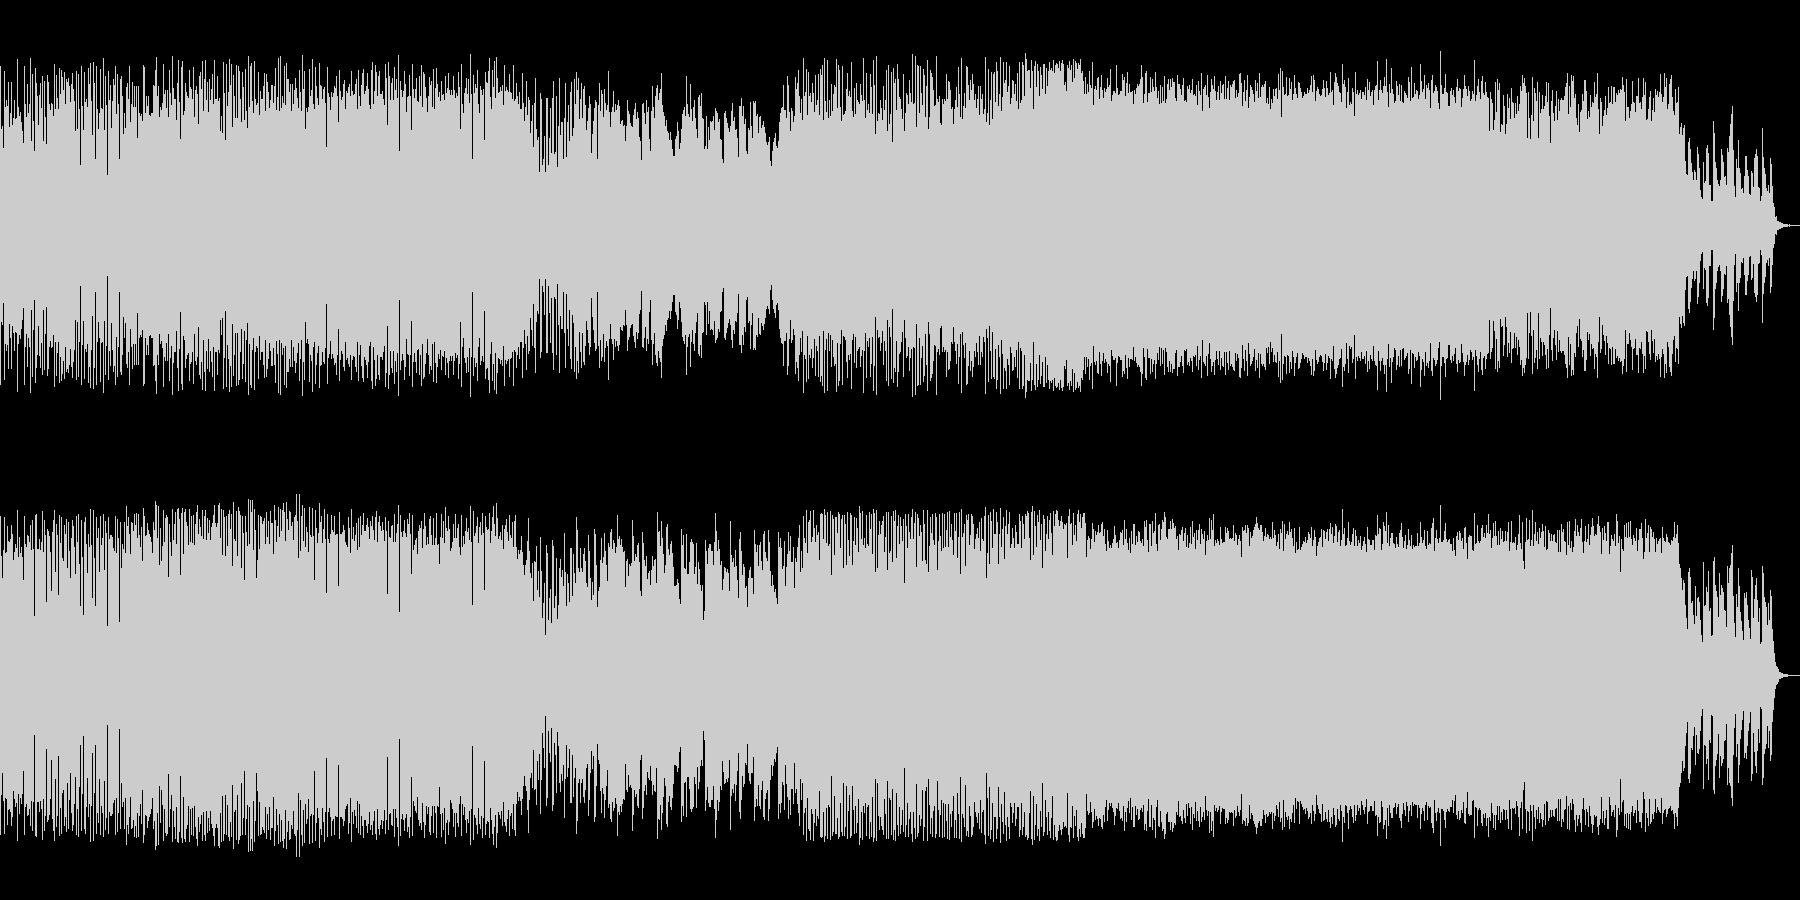 切ないメロディが印象的なダンス音楽の未再生の波形